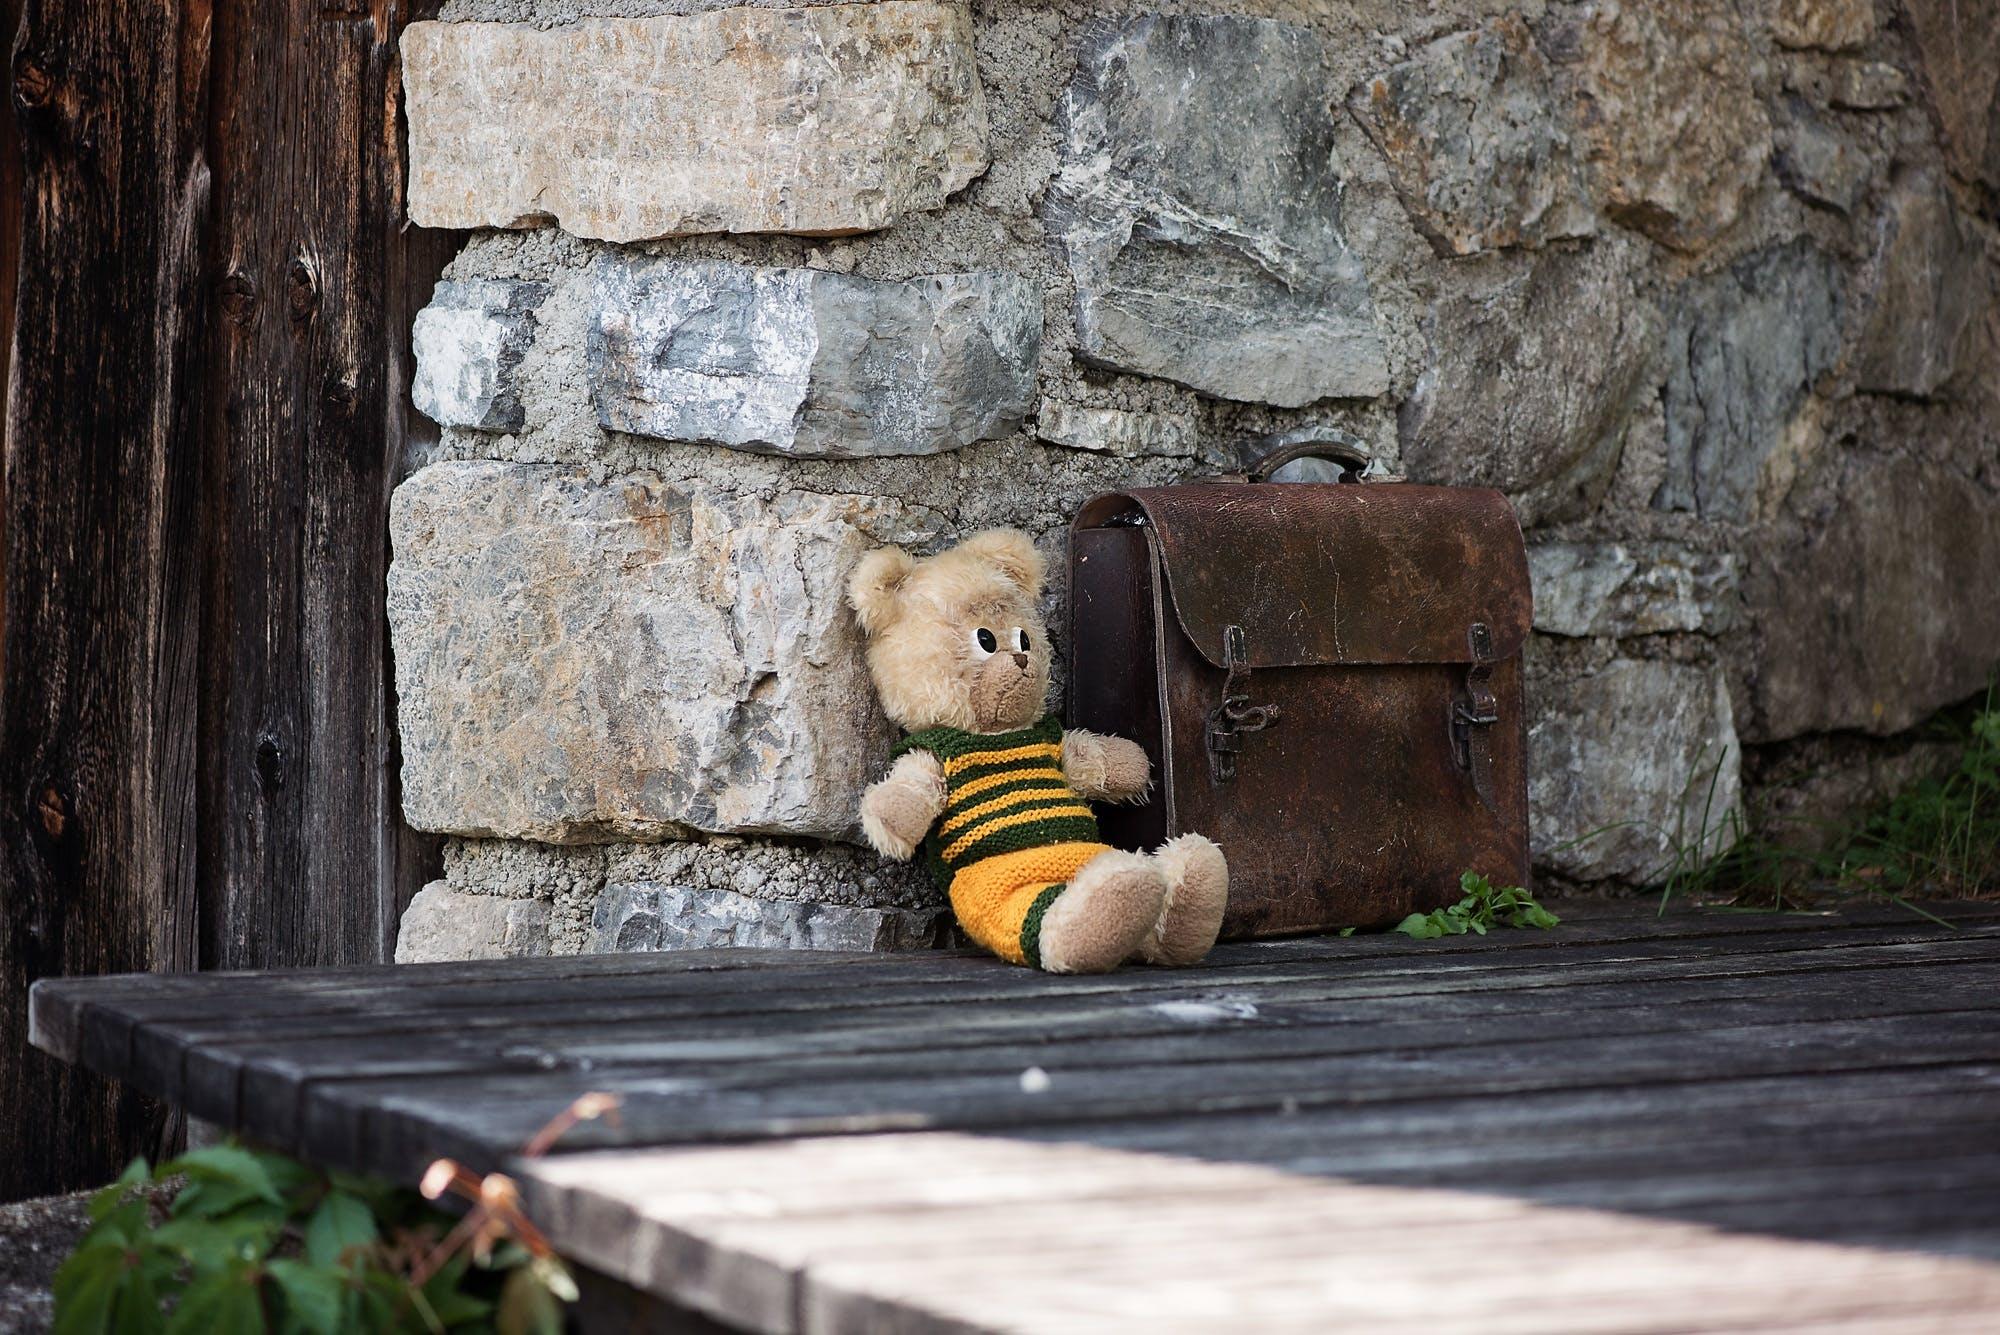 Δωρεάν στοκ φωτογραφιών με vintage, αγροτικός, αρκουδάκι, γκρο πλαν